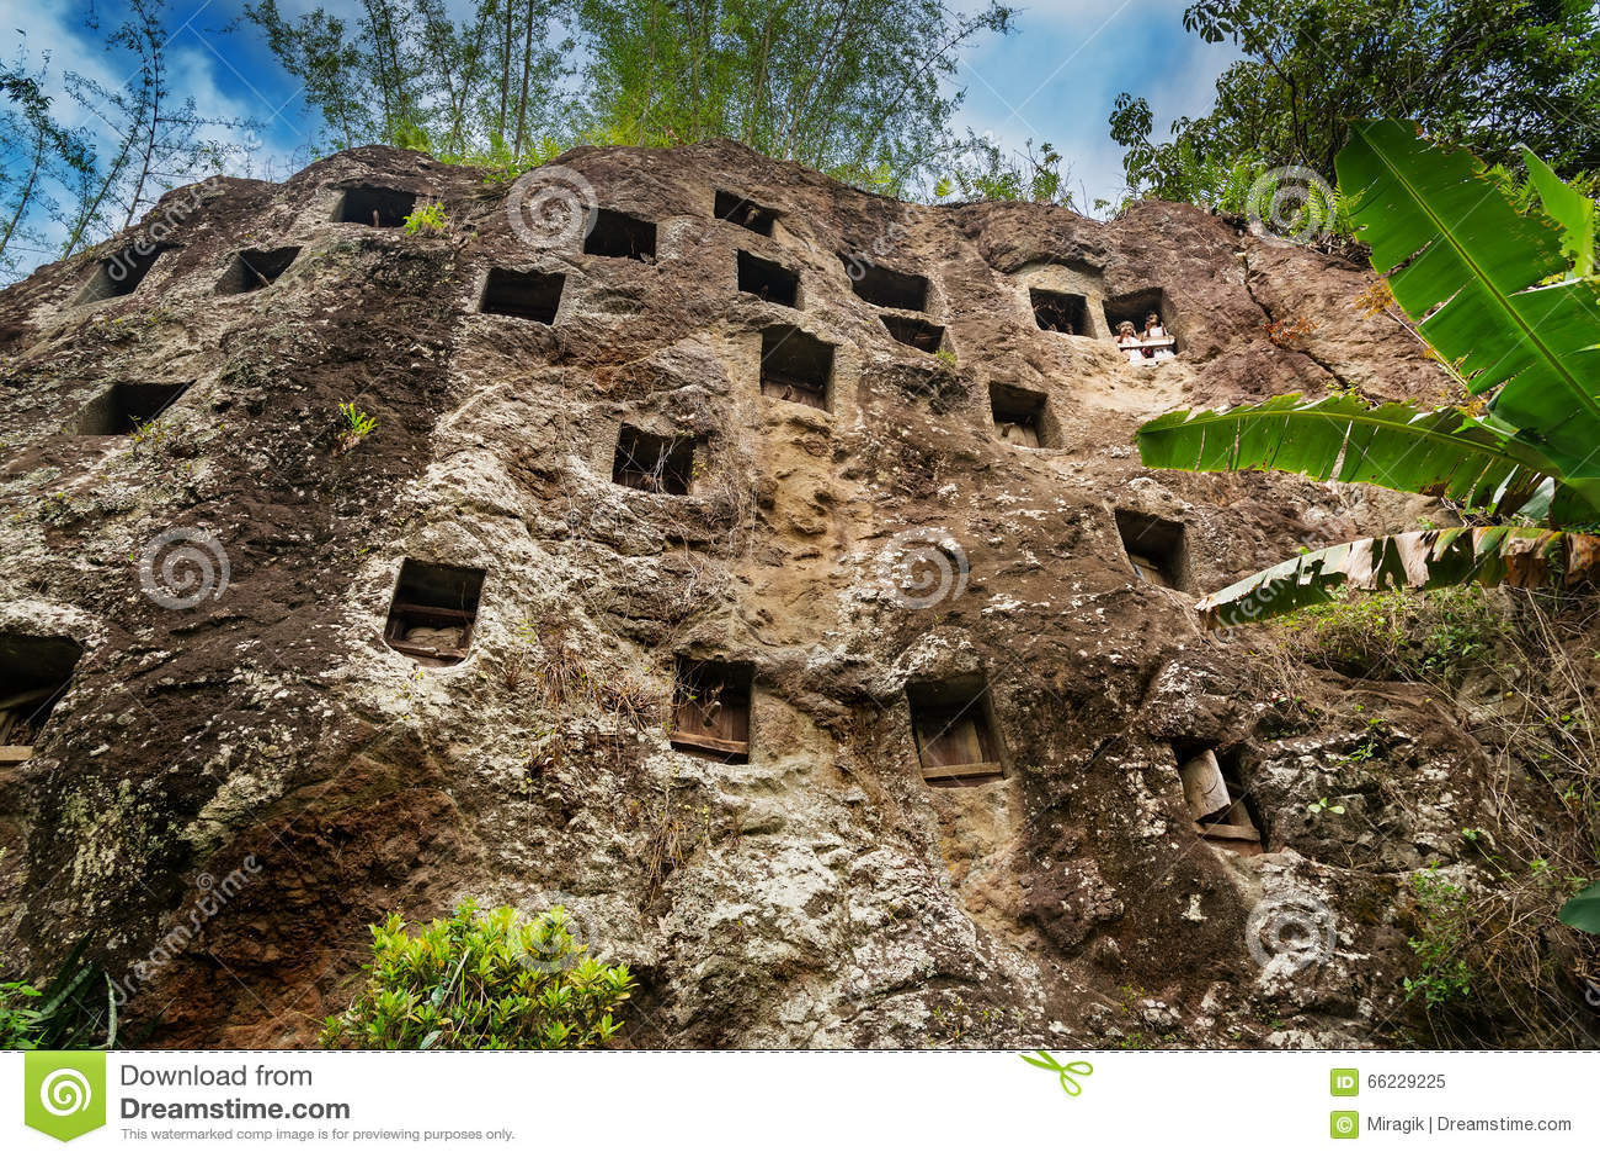 Los sepulcros tradicionales de la cueva tallaron en la roca en Lemo Tana Toraja, Sulawesi del sur, Indonesia